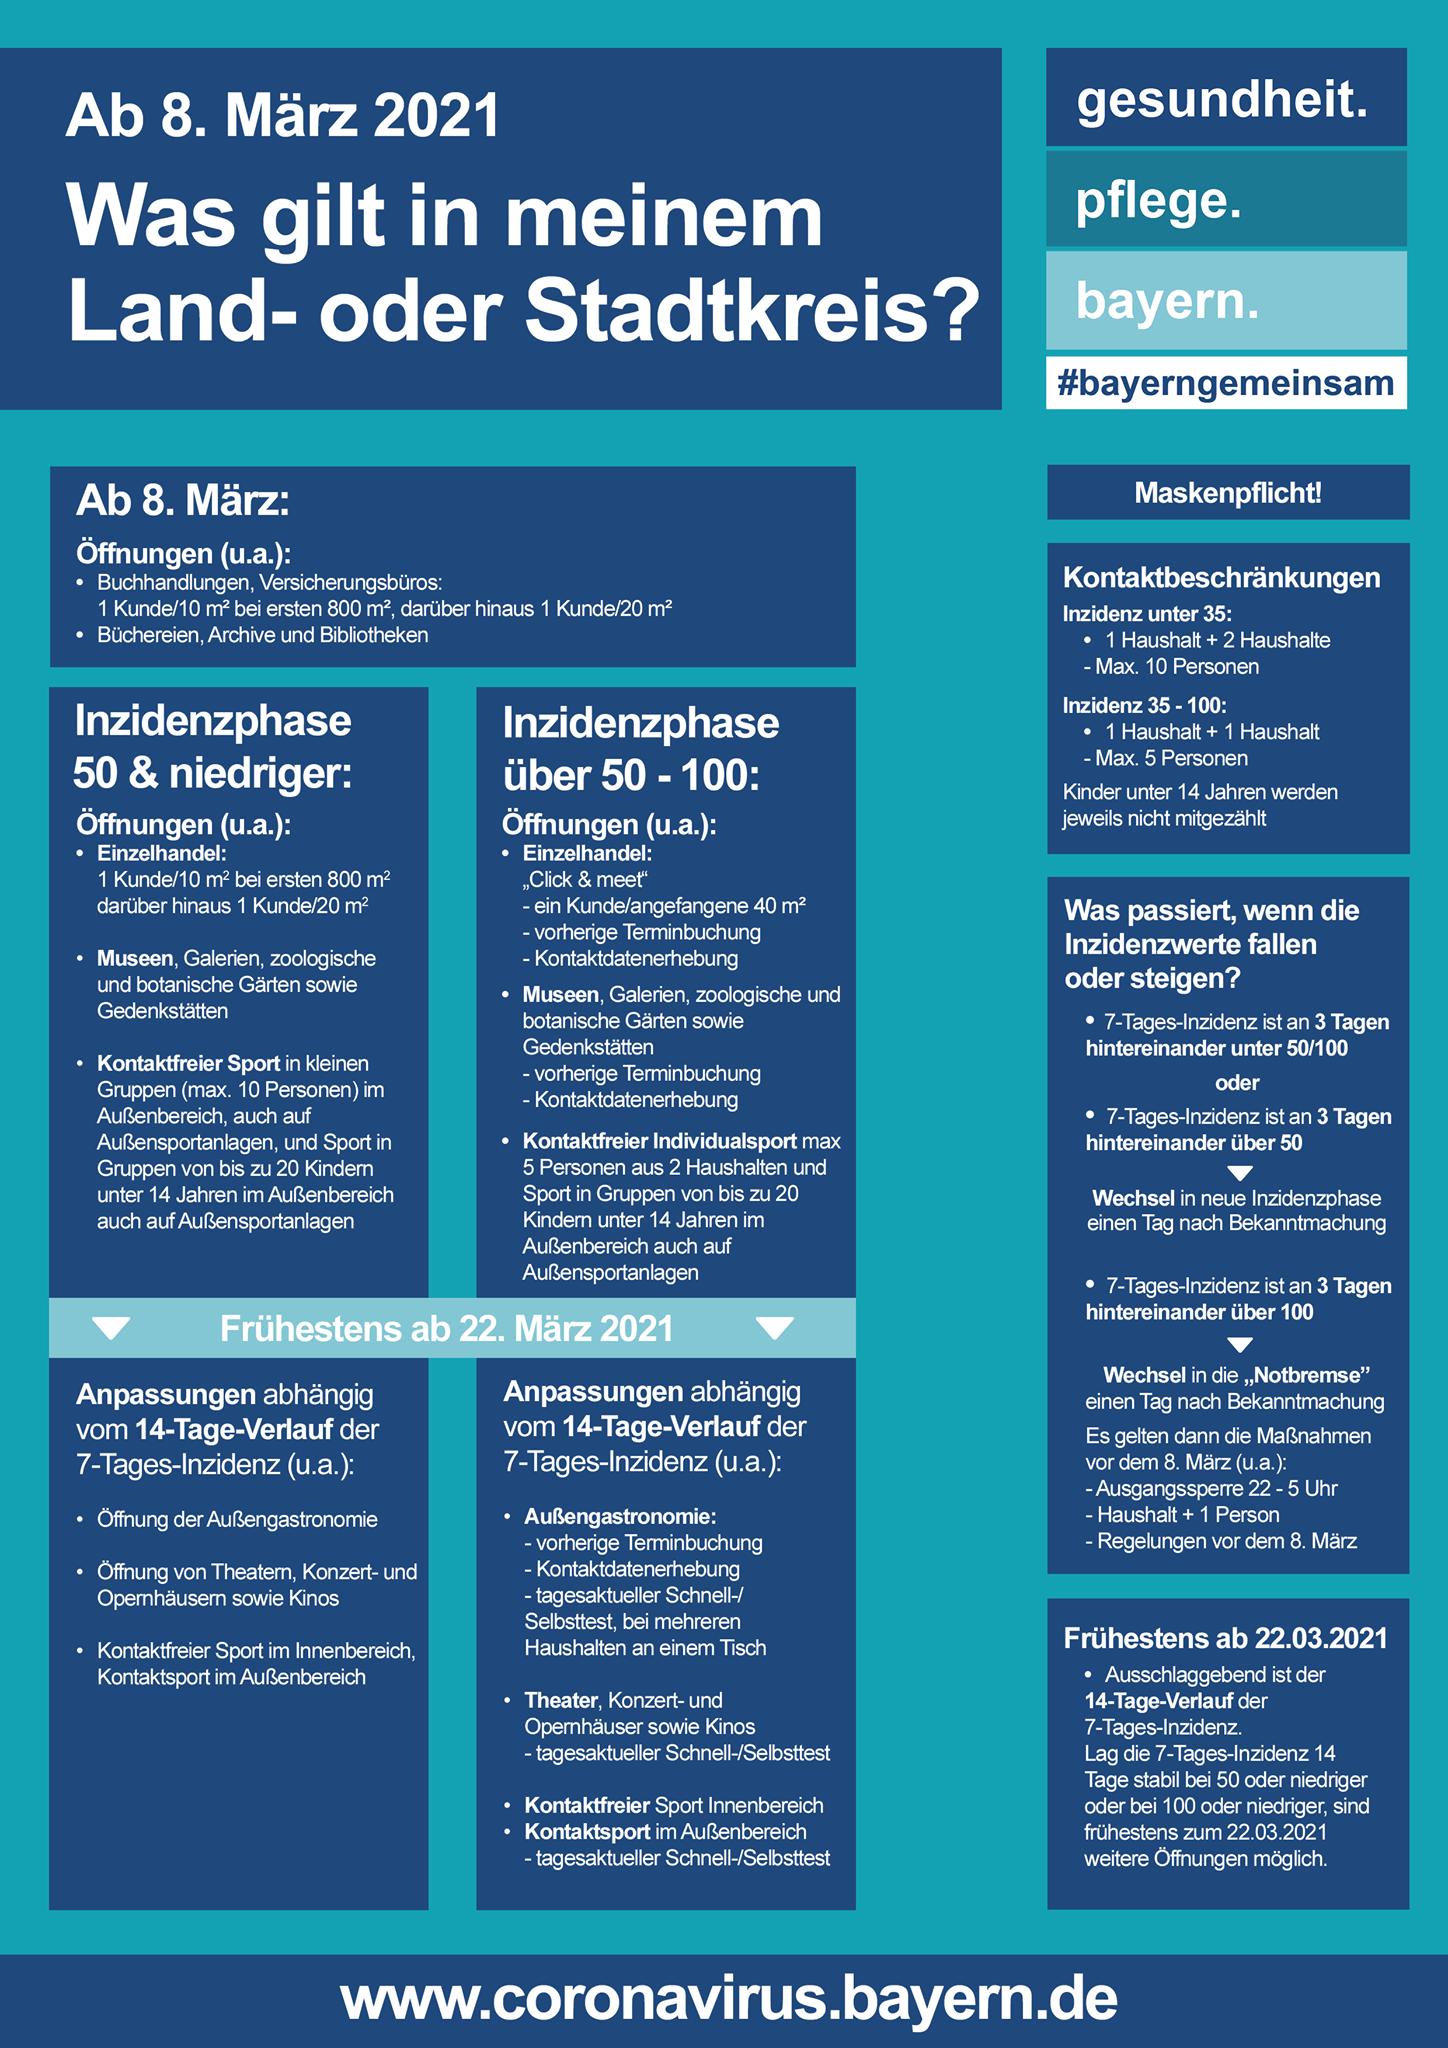 Neue Regelungen ab 8. März. Was gilt in meinem Land- oder Stadtkreis? Die Liste mit den Inzidenzwerten für die Maßnahmen ab Montag (08.03.2021) finden Sie hier: https://www.verkuendung-bayern.de/baymbl/2021-173/ Die FAQ finden Sie hier: https://www.stmgp.bayern.de/.../haeufig-gestellte-fragen/... Die 12. Bayerische Infektionsschutzmaßnahmenverordnung finden Sie hier: https://www.verkuendung-bayern.de/baymbl/2021-171/